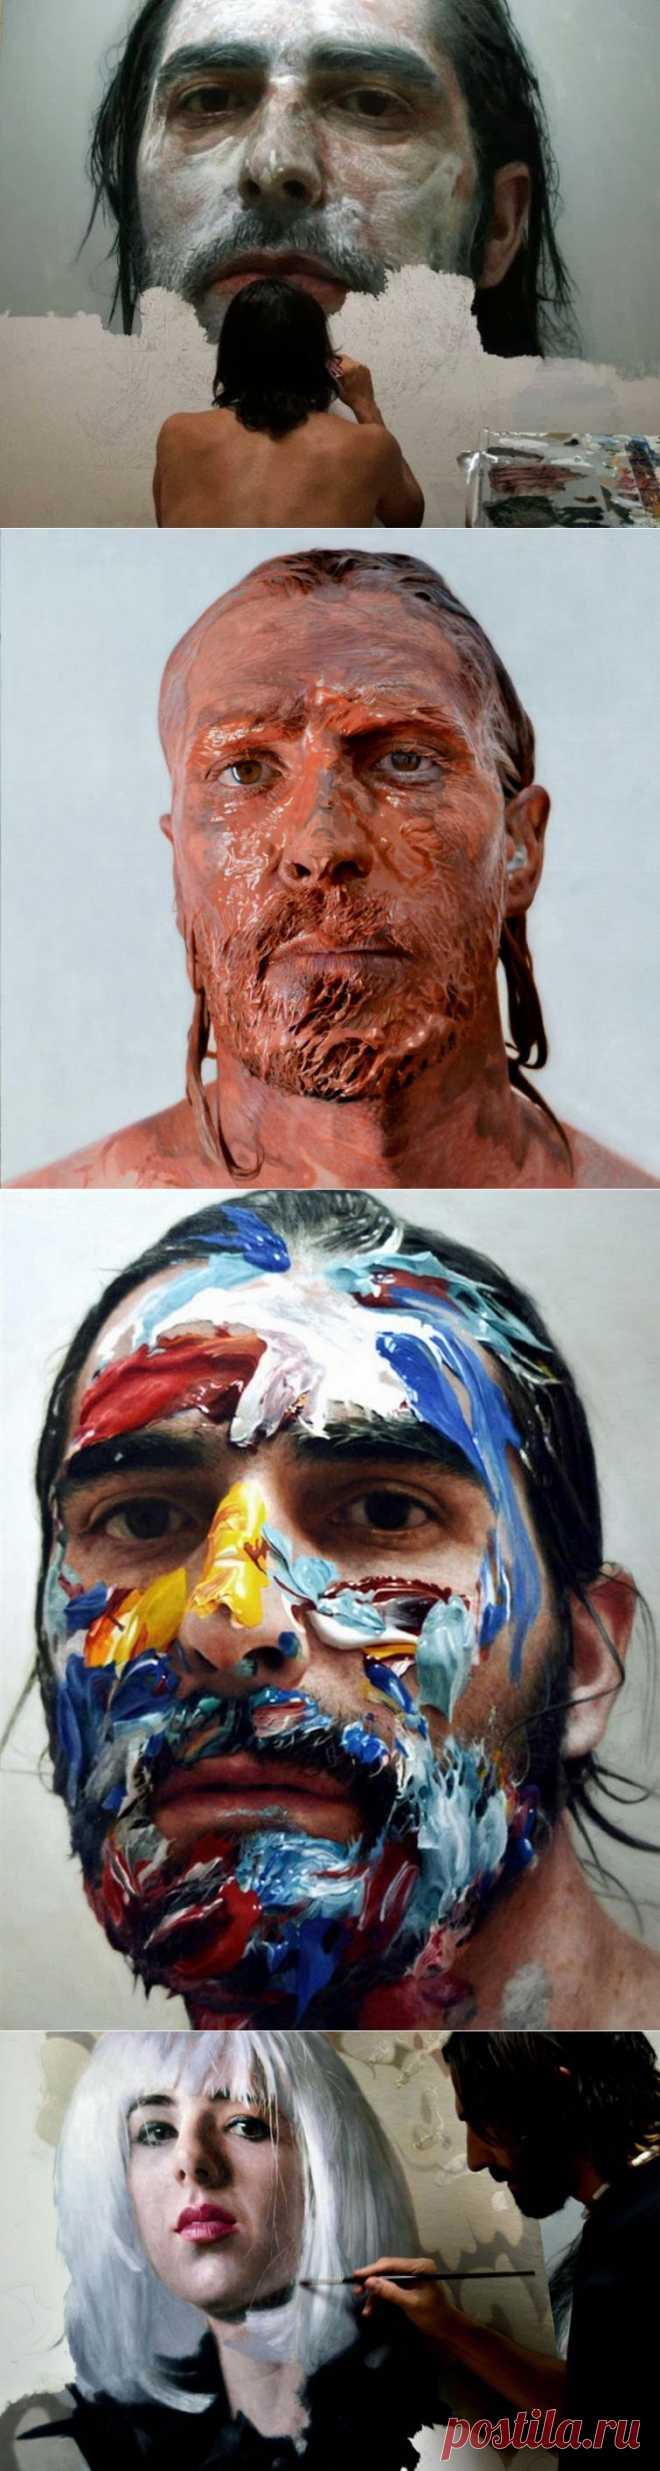 Невероятно реалистичные портреты маслом от Элоя Моралеса | Ультрамарин